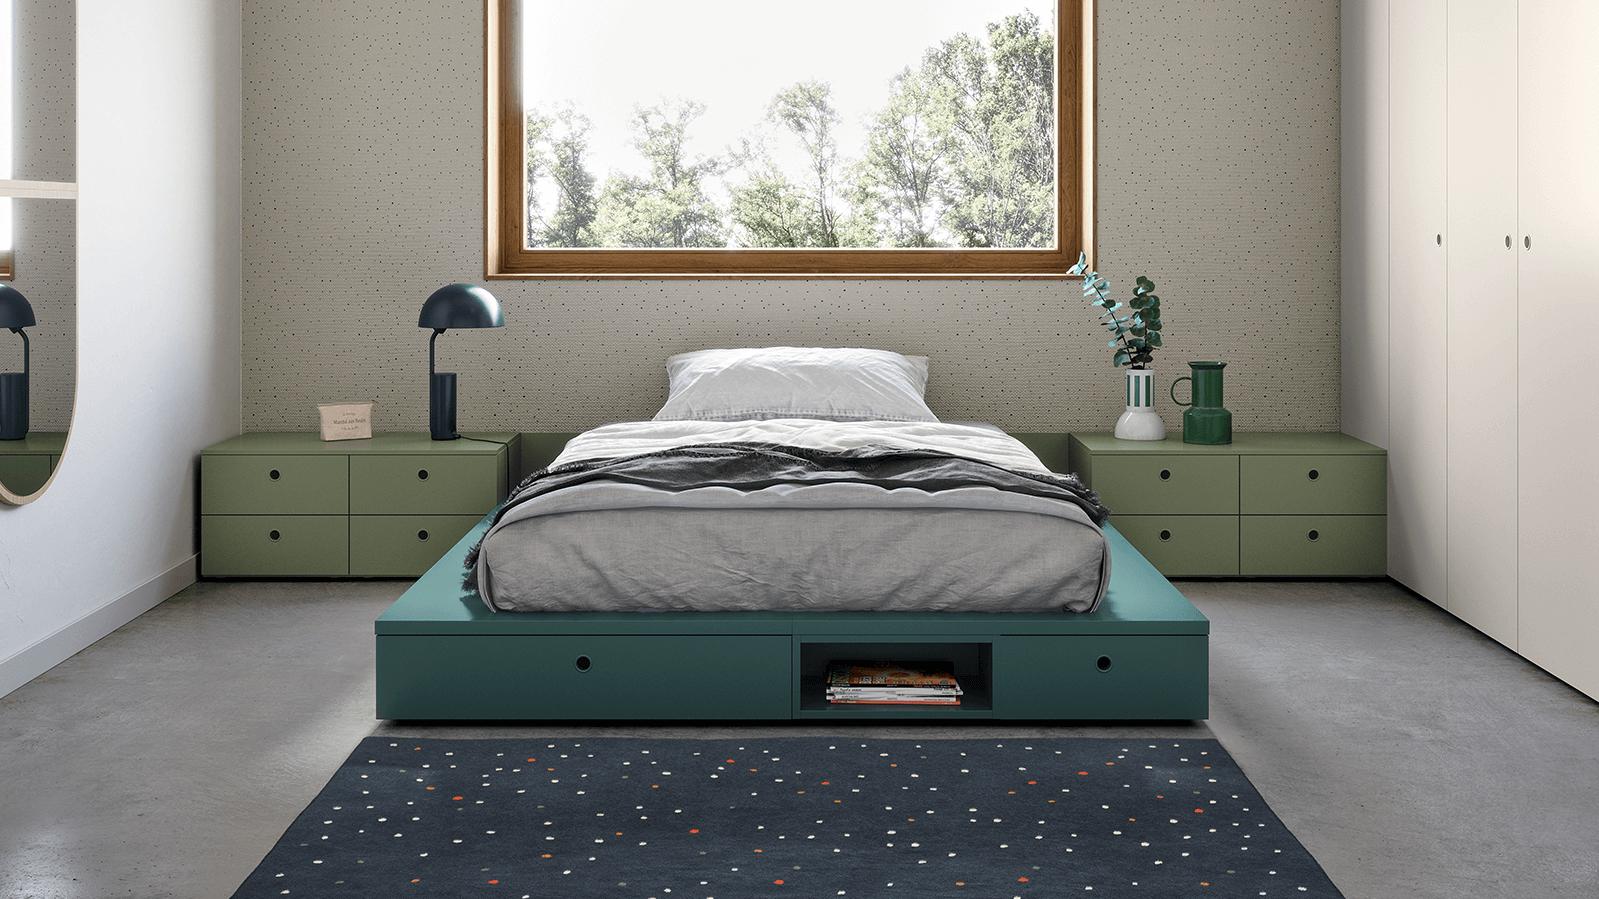 Cameretta Con Due Letti Battistella.Nidi Bedroom Furniture For Kids And Teens